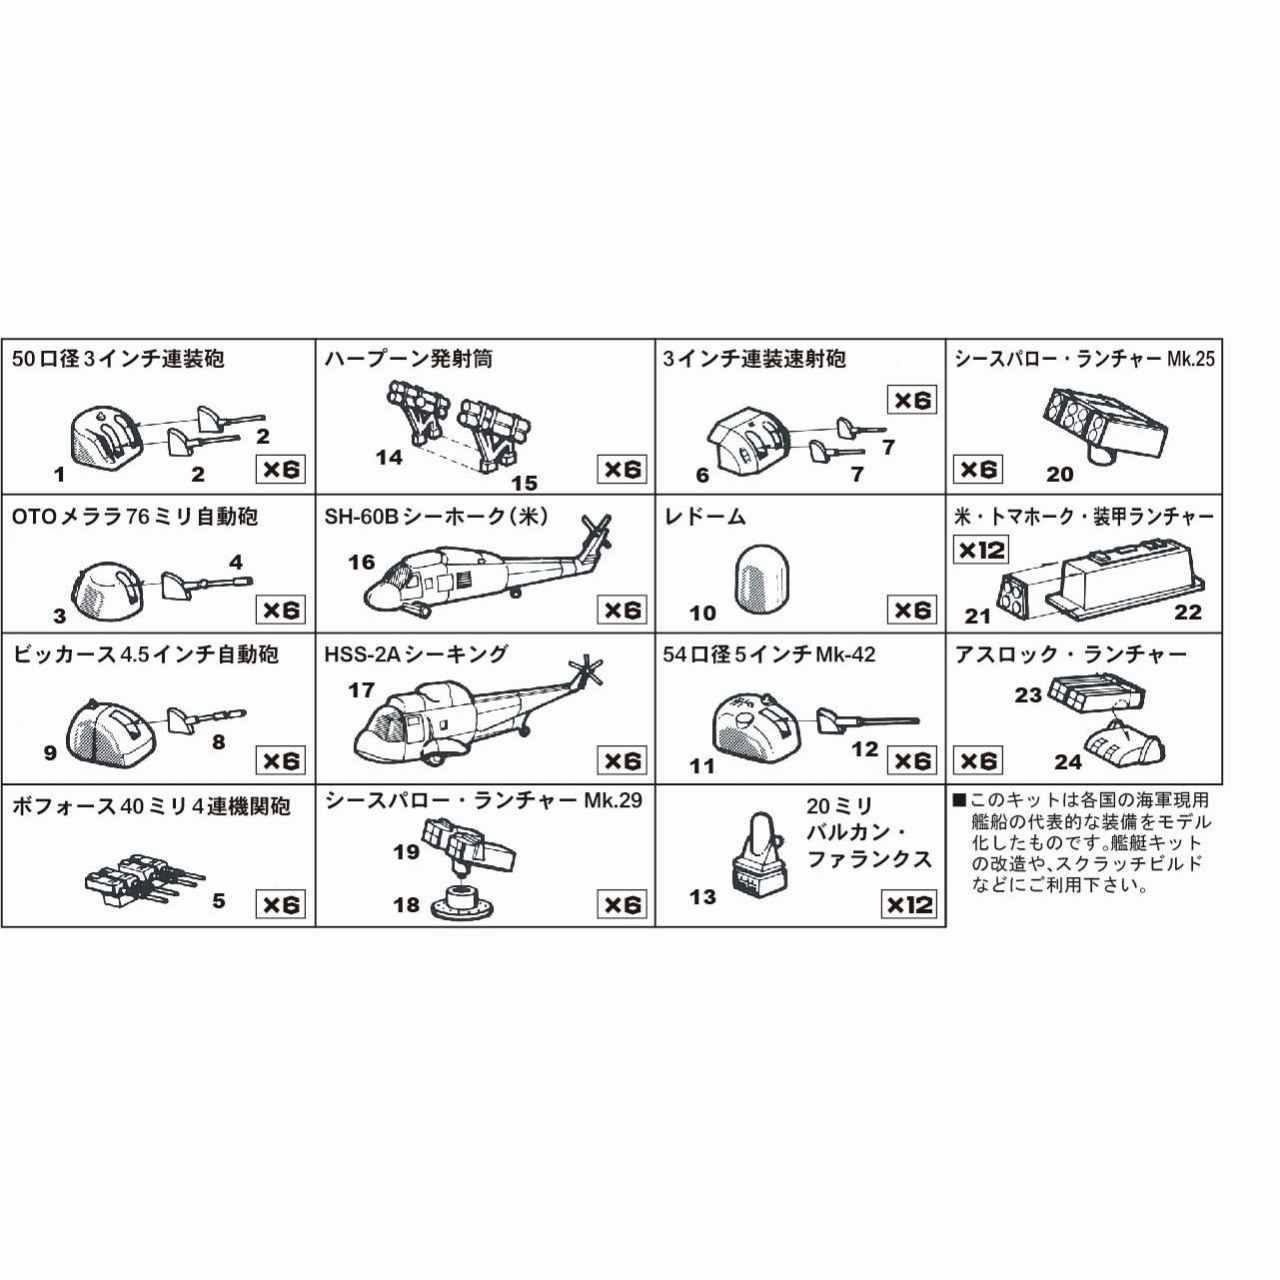 【新製品】SP102 現用艦船装備セット1